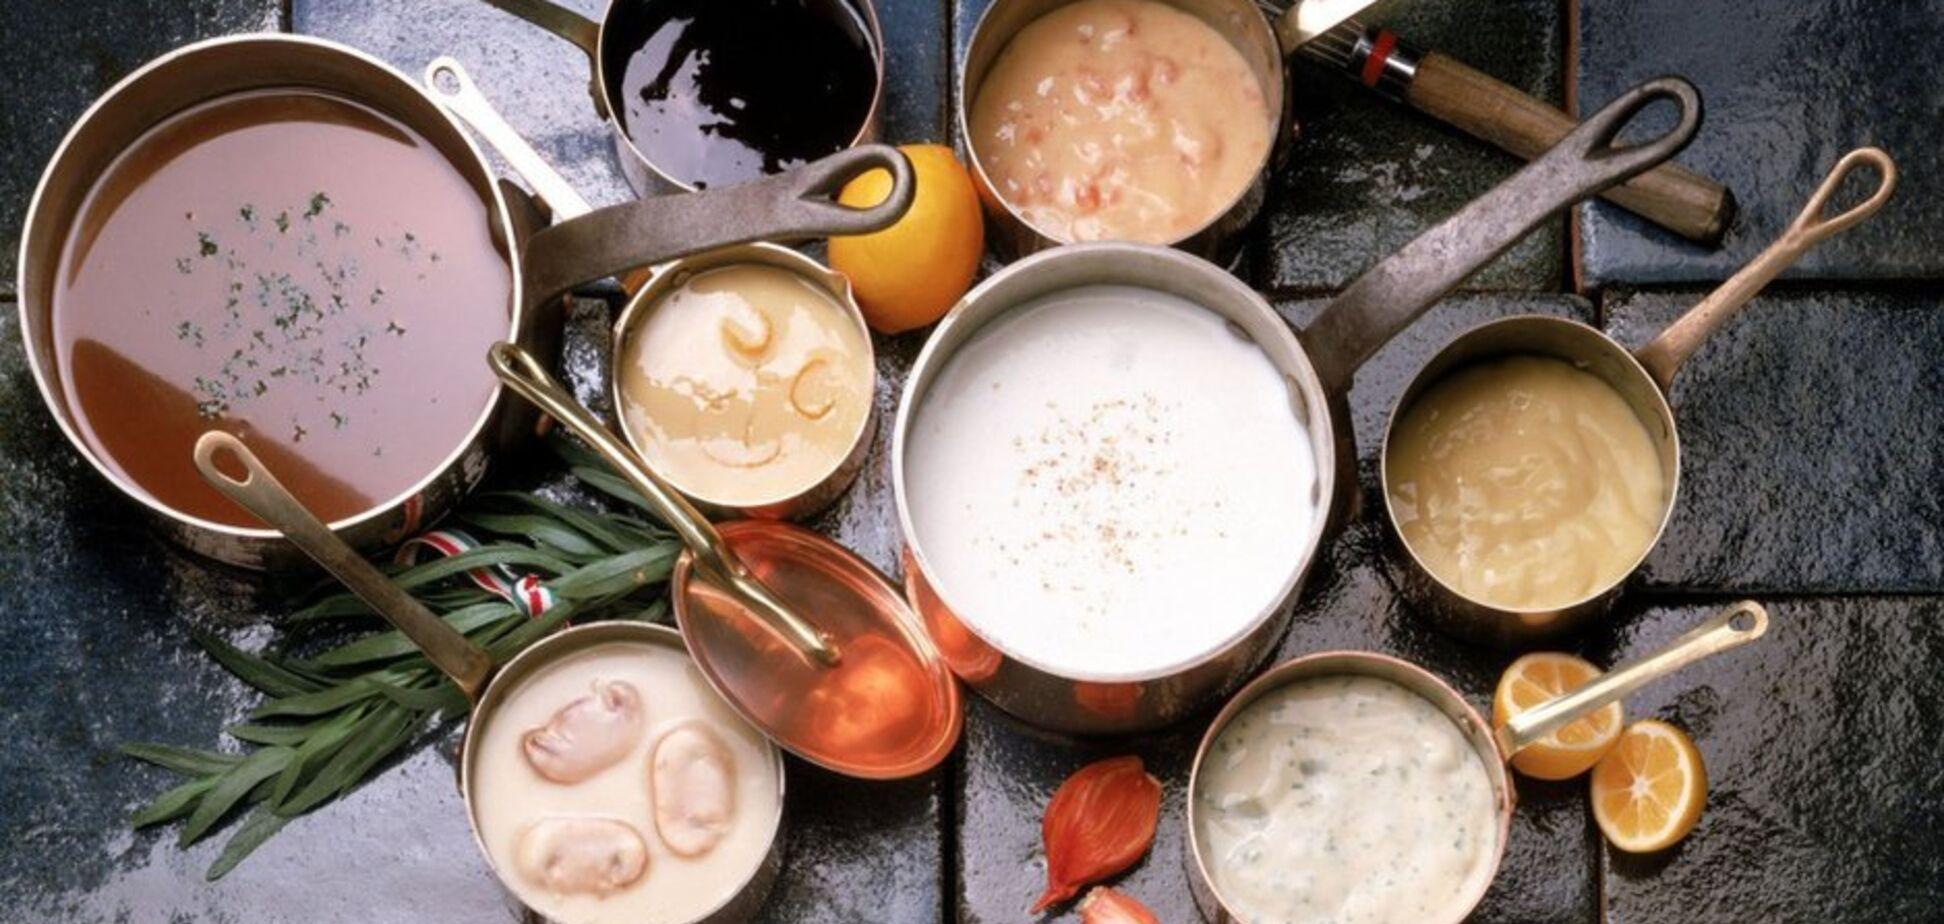 Чим замінити майонез: названі топ-5 простих і смачних альтернатив